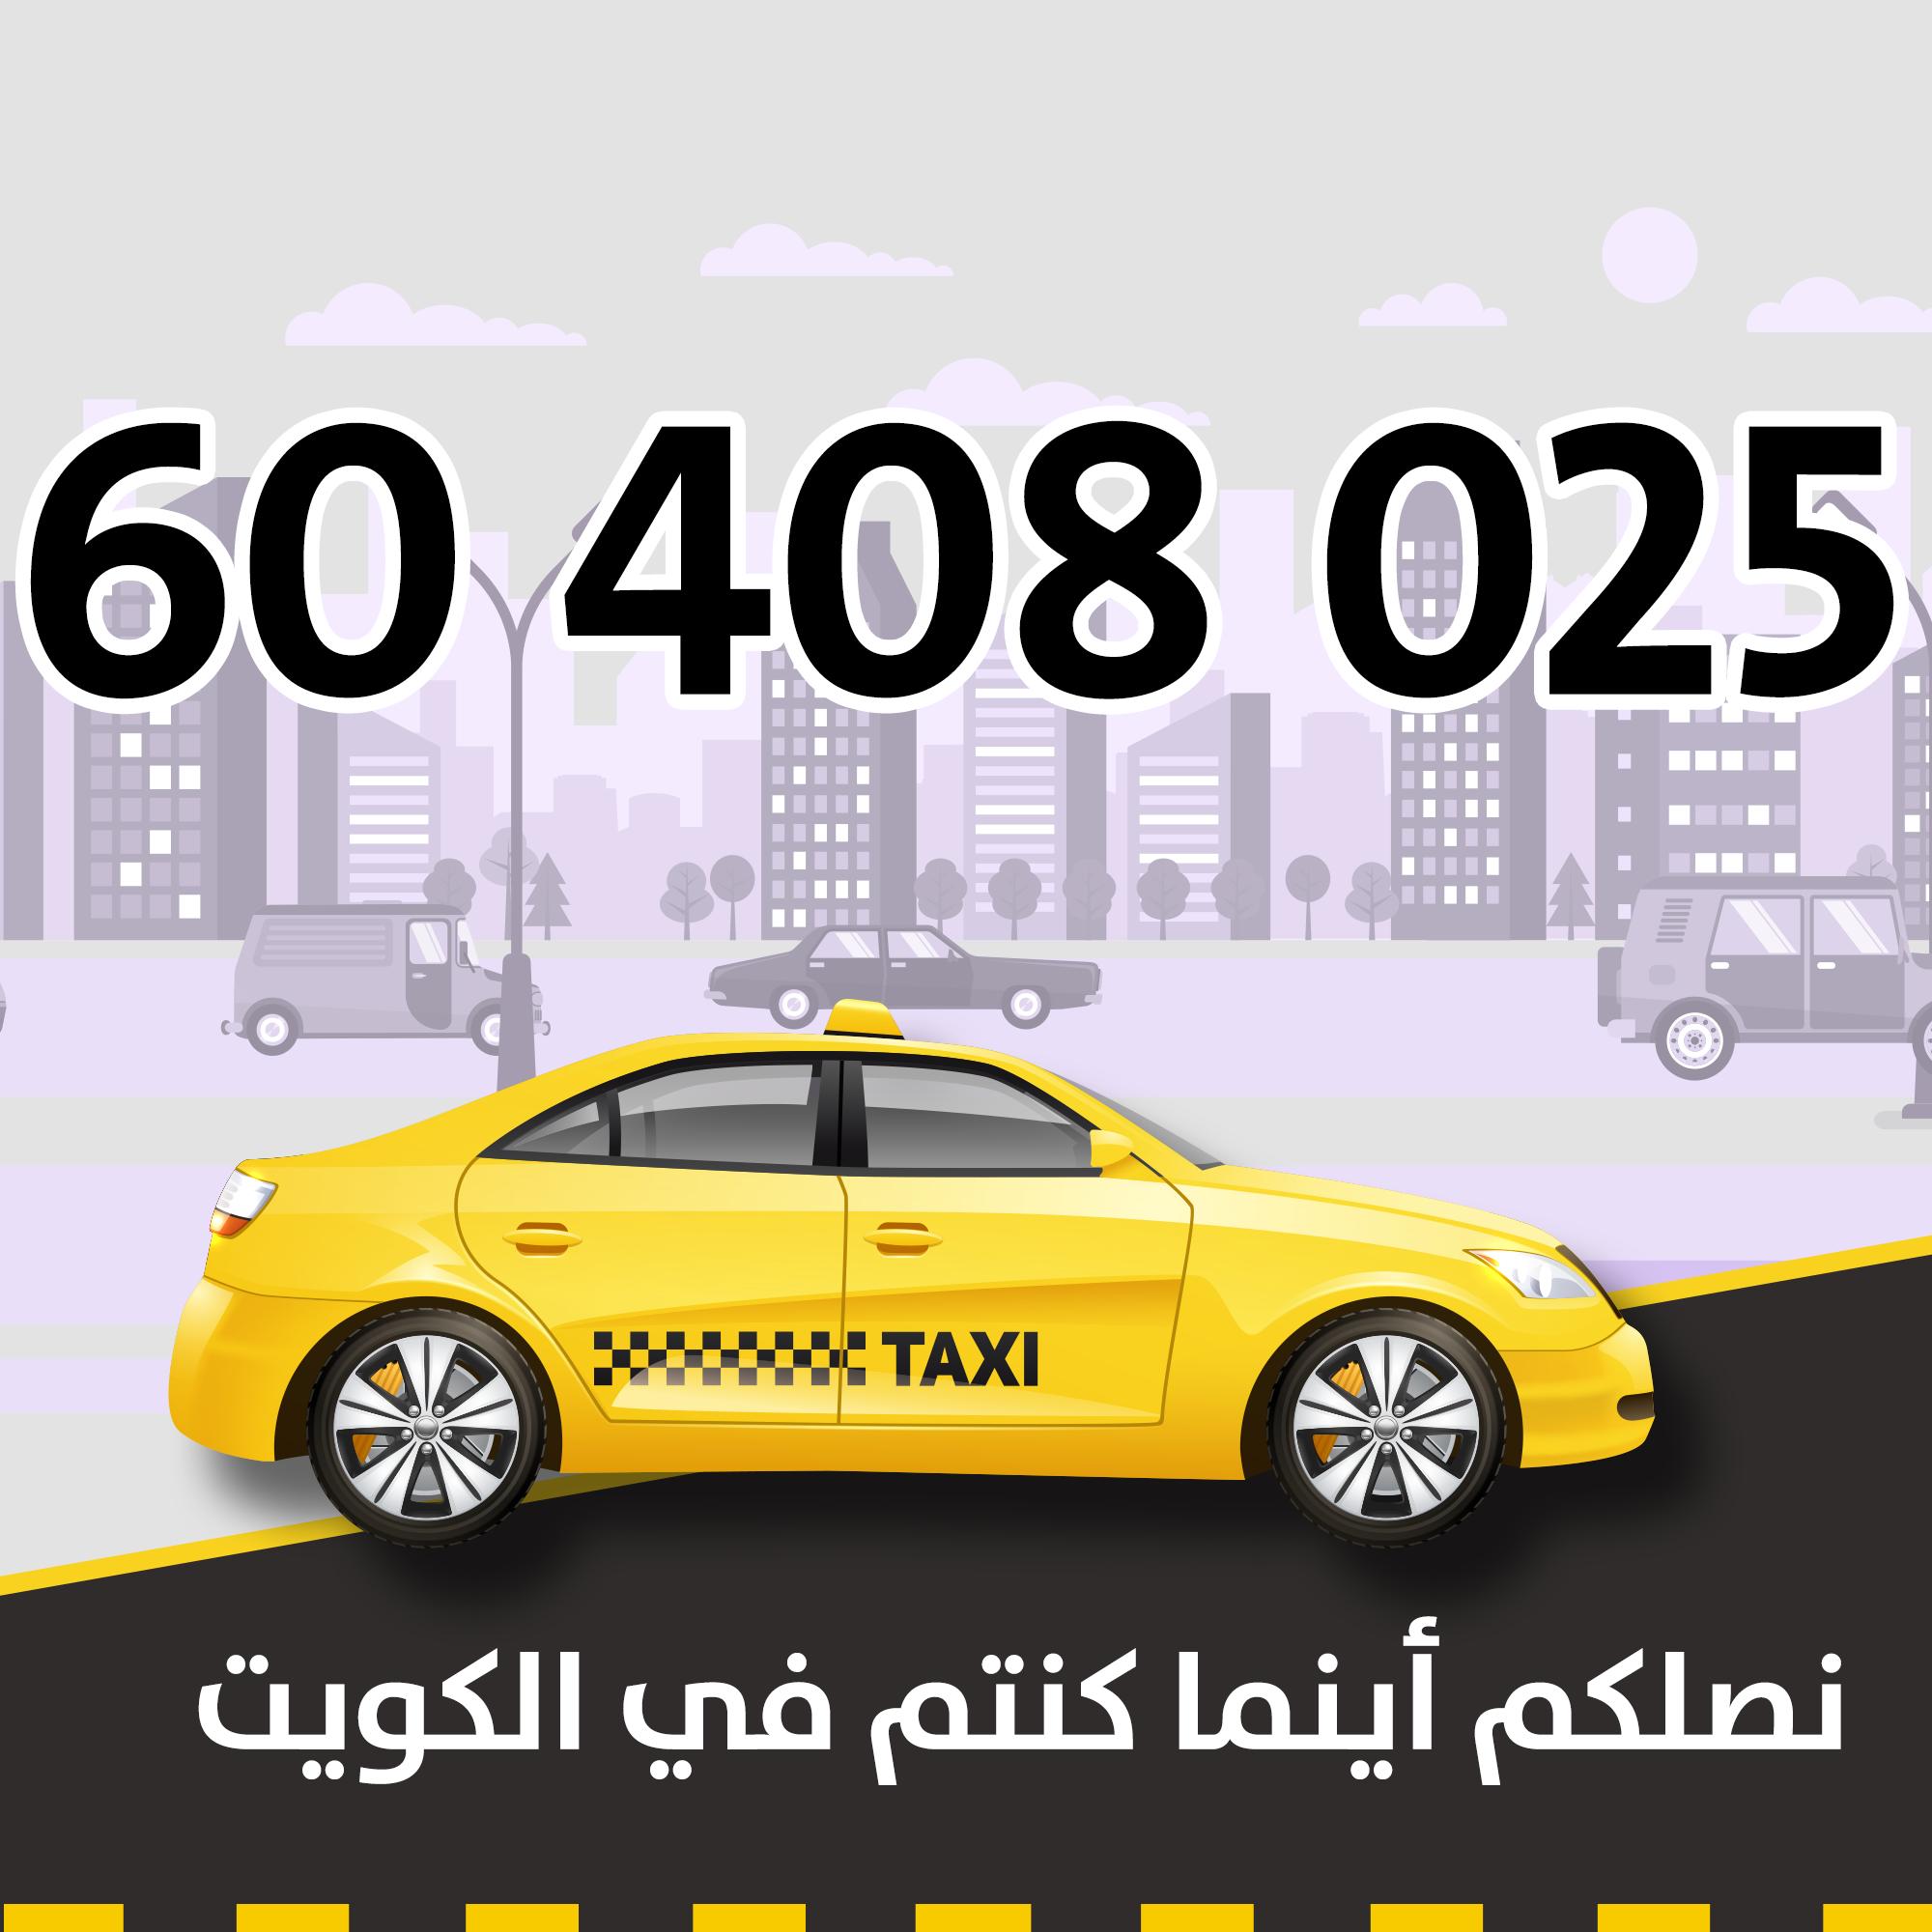 تاكسي توصيلة في شارع حمد الصقر